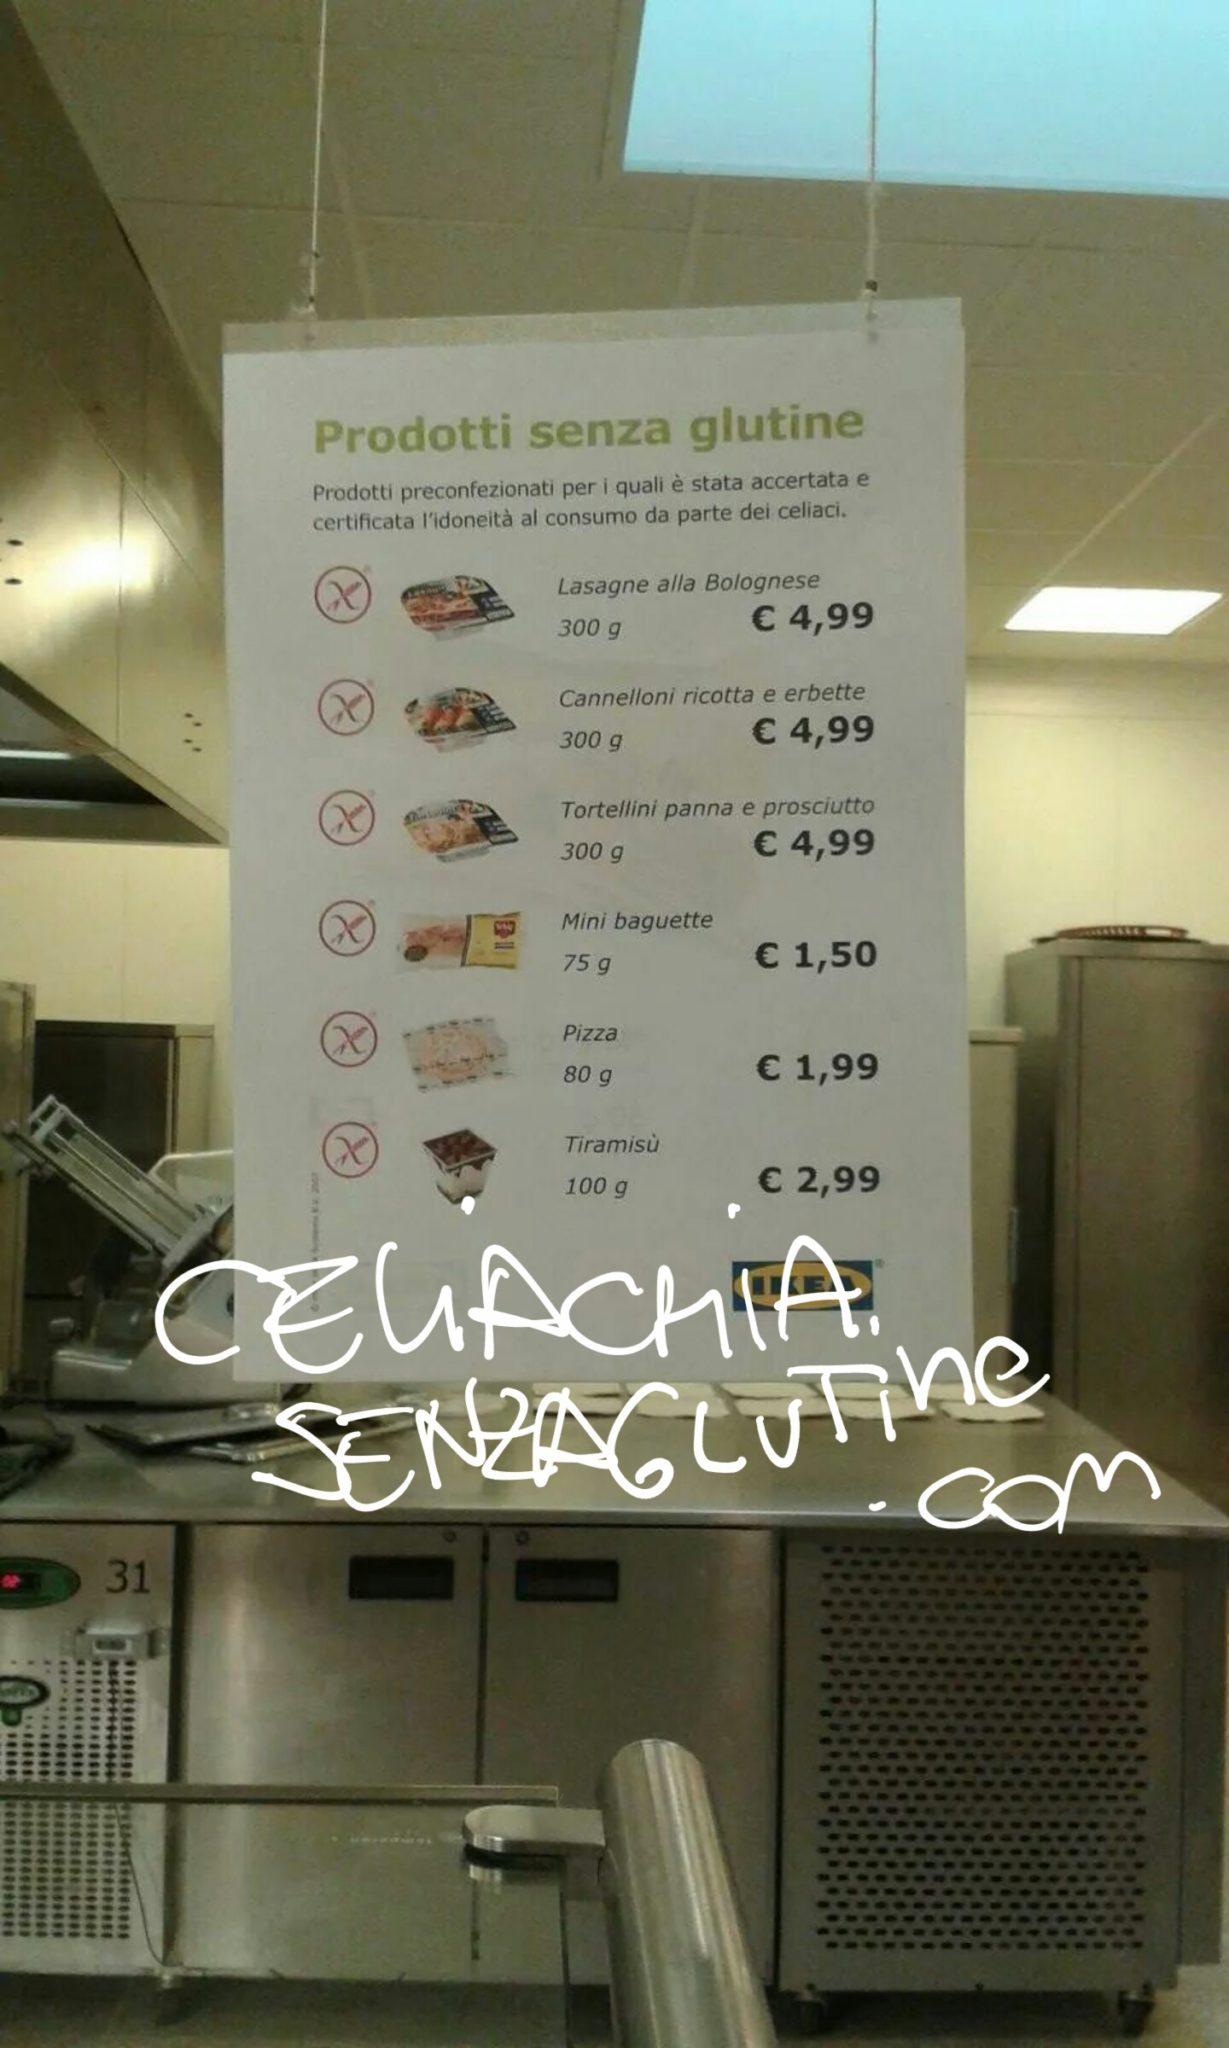 Ikea Senza Glutine Ecco Cosa Mangiare Celiachia Senza Glutine